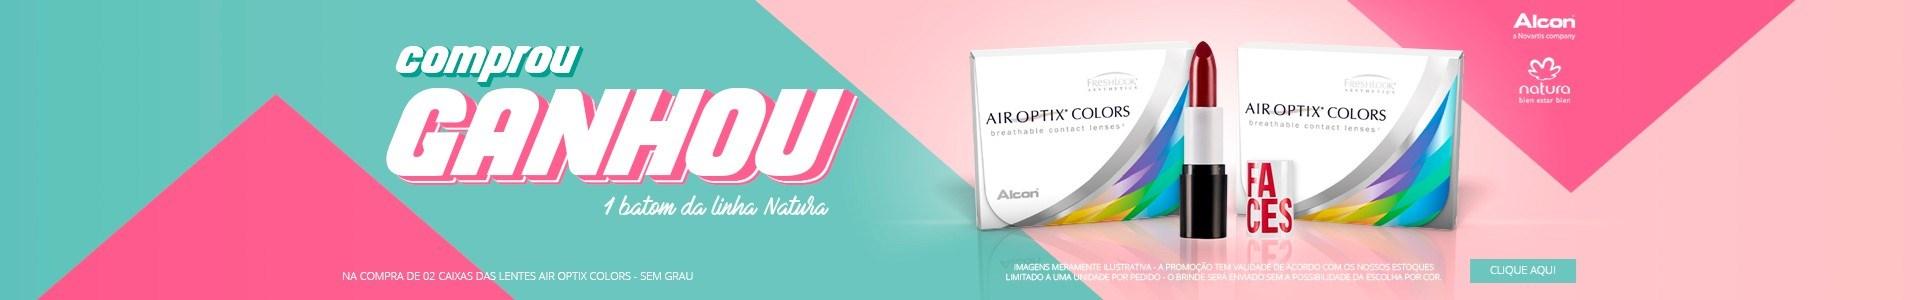 Air Optix Colors + 01 Batom de Brinde na compra de 2 caixas